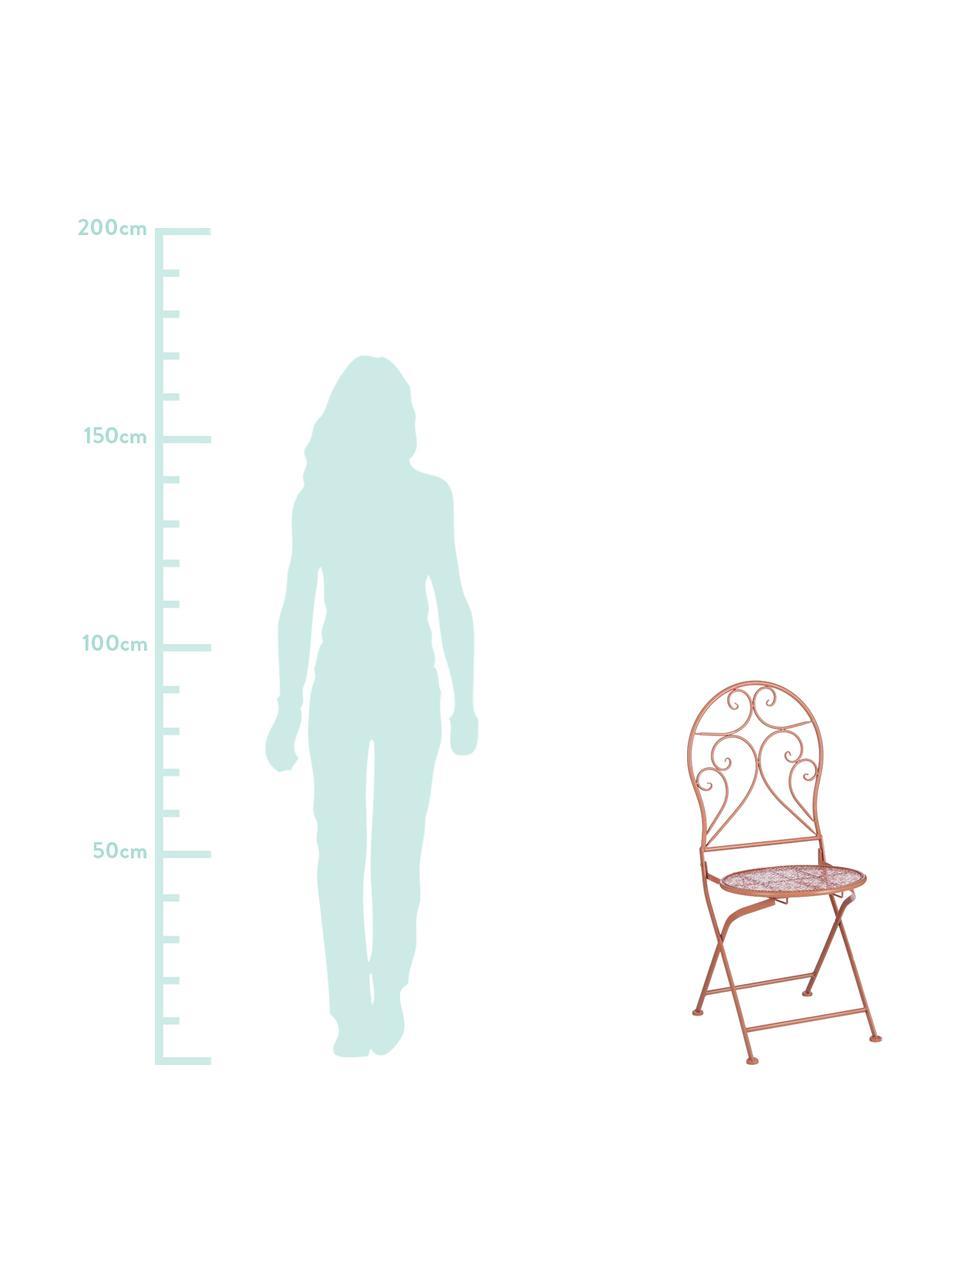 Klappbare Balkonstühle Ninet, 2 Stück, Metall, beschichtet, Terrakotta, 40 x 92 cm